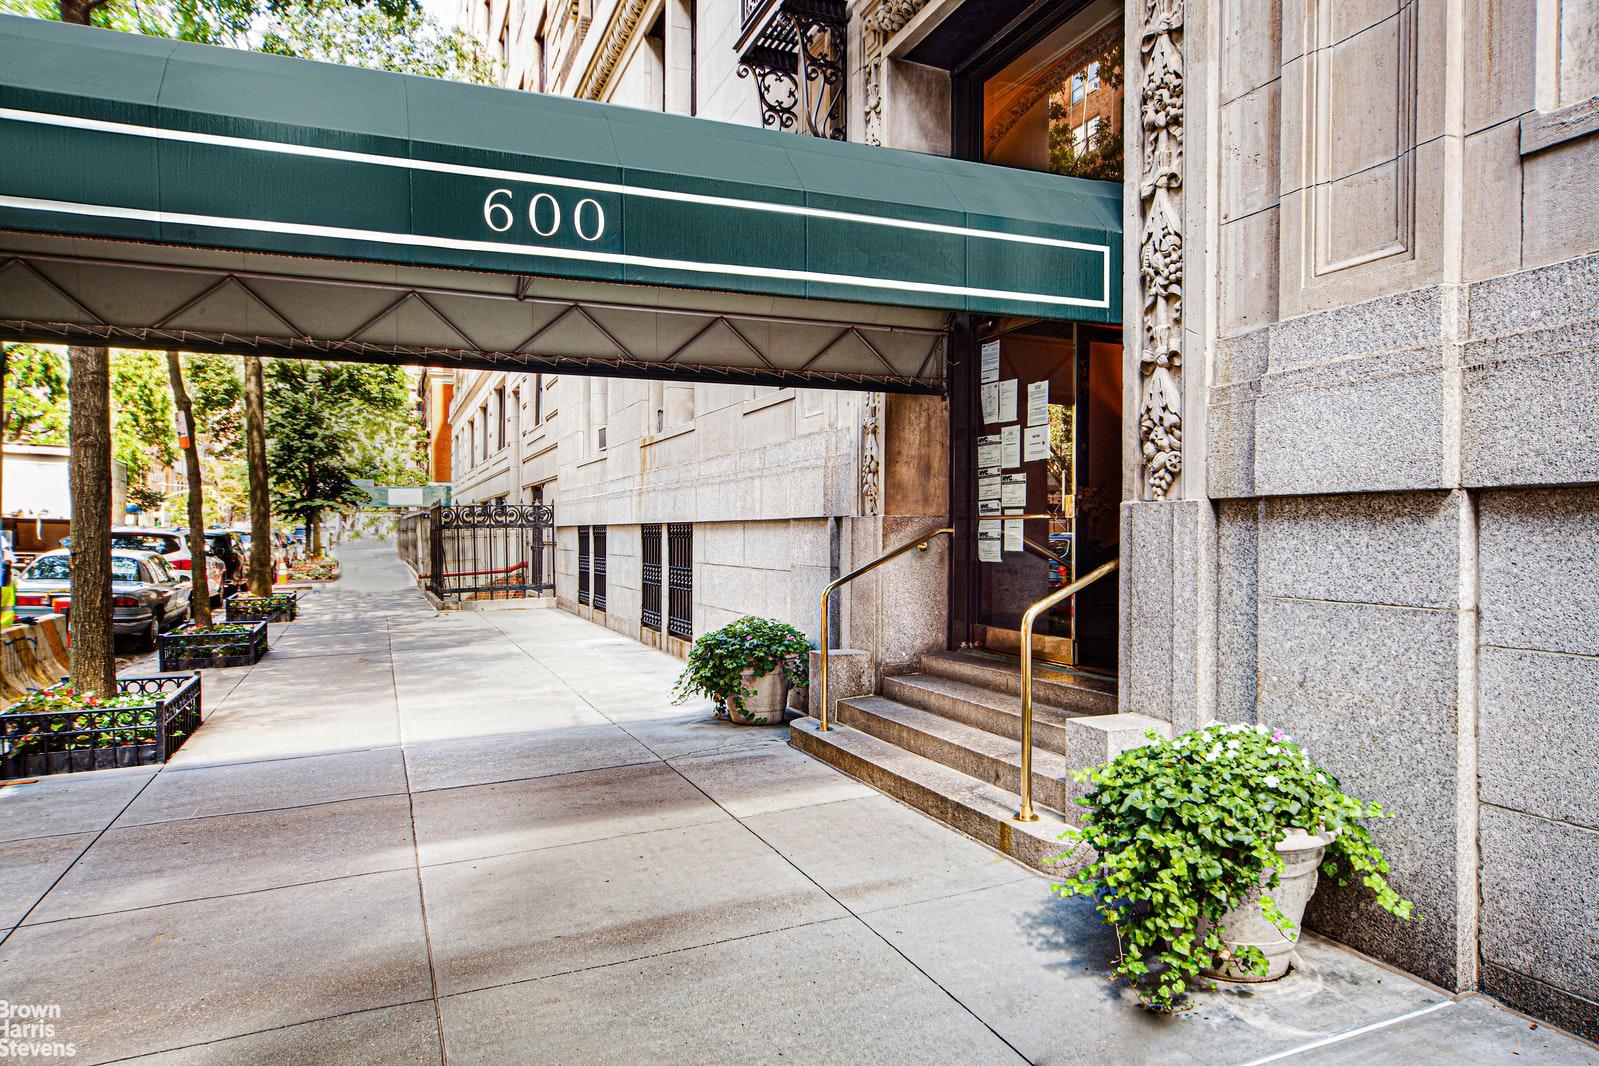 600 WEST END AVENUE 2D, Upper West Side, $1,795,000, Web #: 20364483